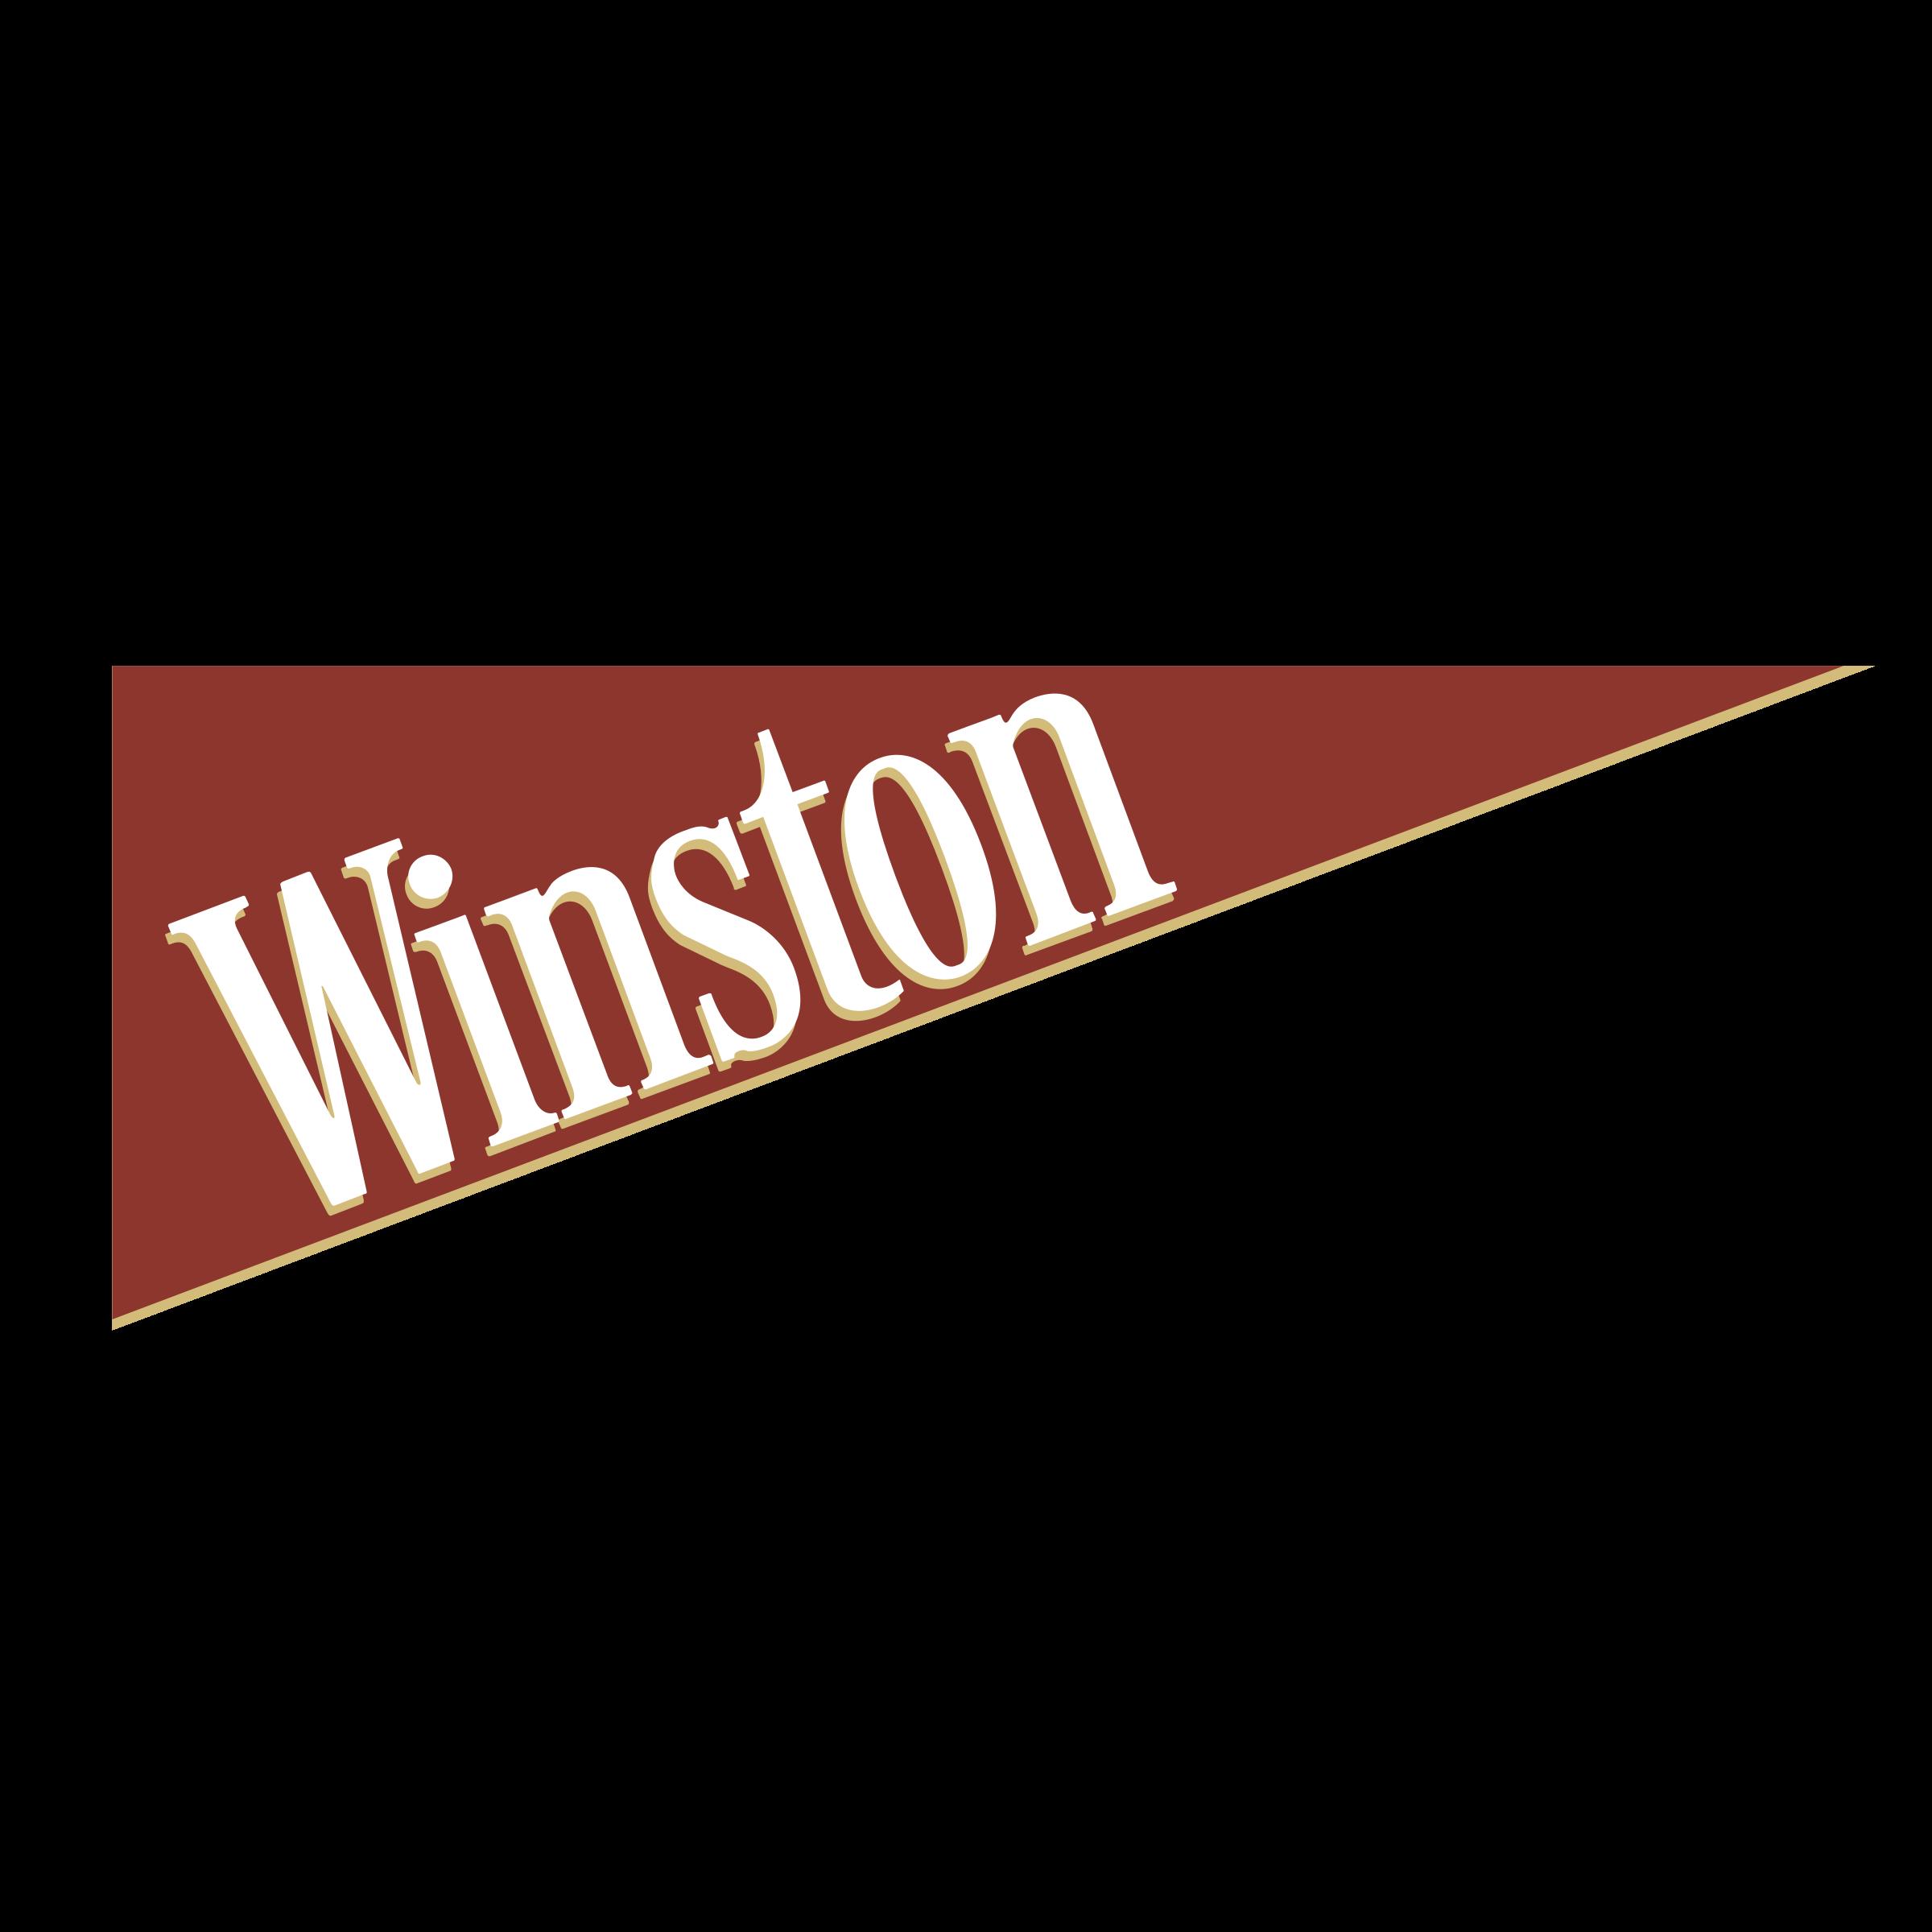 Winston Logo PNG Transparent & SVG Vector.